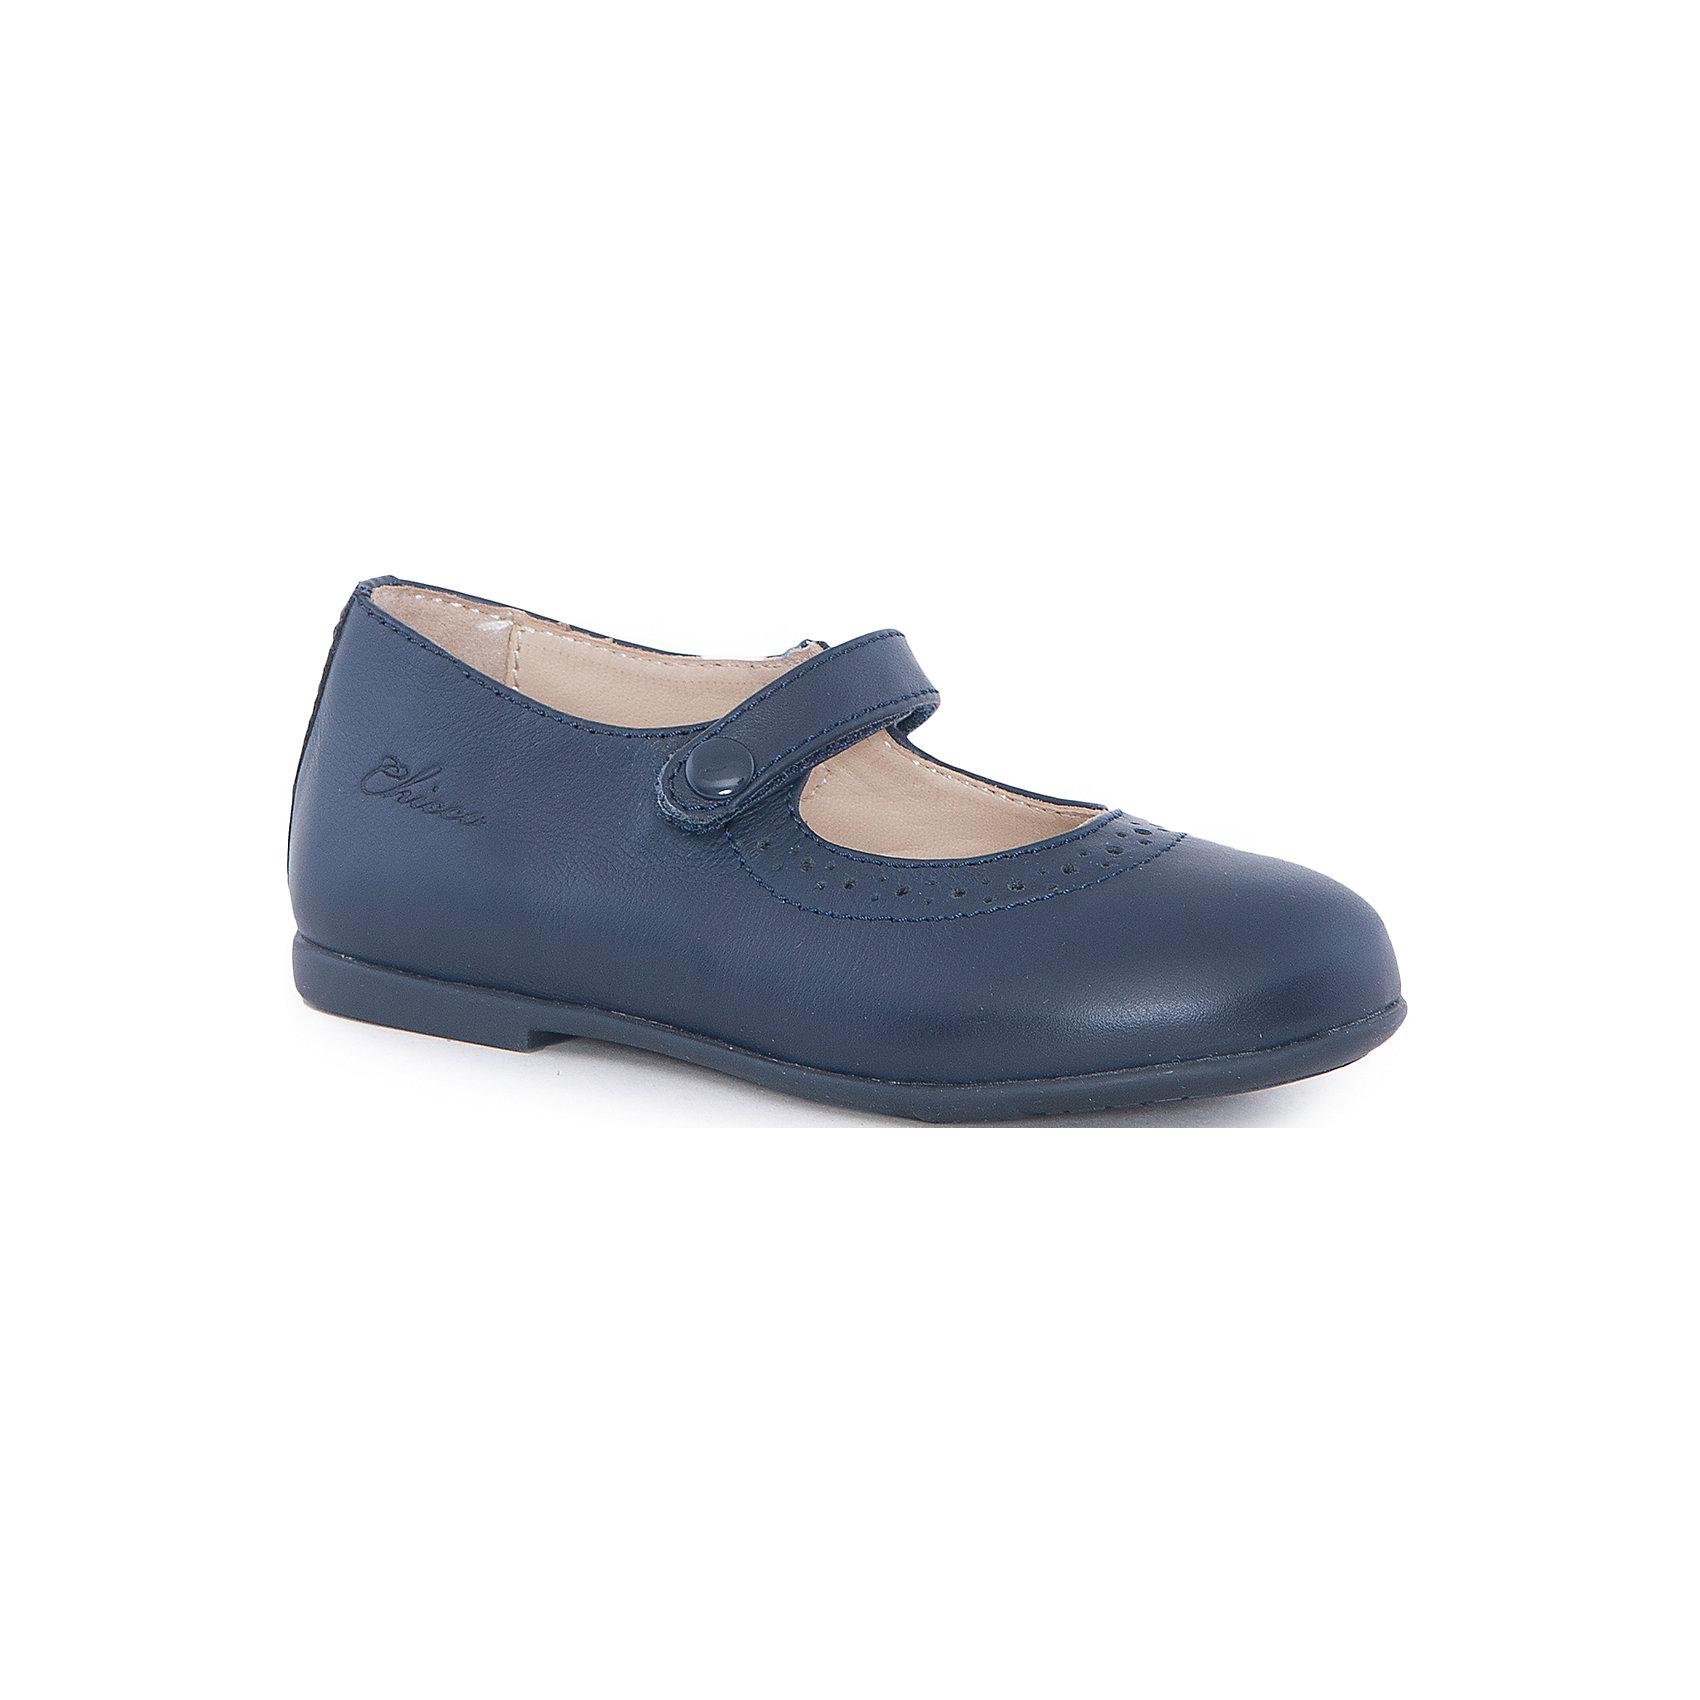 Туфли для девочки  CHICCOТуфли<br>Балетки для девочки CHICCO<br><br>Характеристики:<br><br>Тип застежки: на липучке<br>Тип обуви: школьные, на каждый день<br>Особенности обуви: маленький каблучок<br>Декоративные элементы: пуговица на застежке, имитация<br>Цвет: синий<br><br>Внешний материал: 100% кожа<br>Внутренний материал: 100% кожа<br><br>Балетки для девочки CHICCO можно купить в нашем интернет-магазине.<br><br>Ширина мм: 227<br>Глубина мм: 145<br>Высота мм: 124<br>Вес г: 325<br>Цвет: синий<br>Возраст от месяцев: 24<br>Возраст до месяцев: 36<br>Пол: Женский<br>Возраст: Детский<br>Размер: 26,27,28,29,30,31,32,33,34,22,23,24,25<br>SKU: 5082793